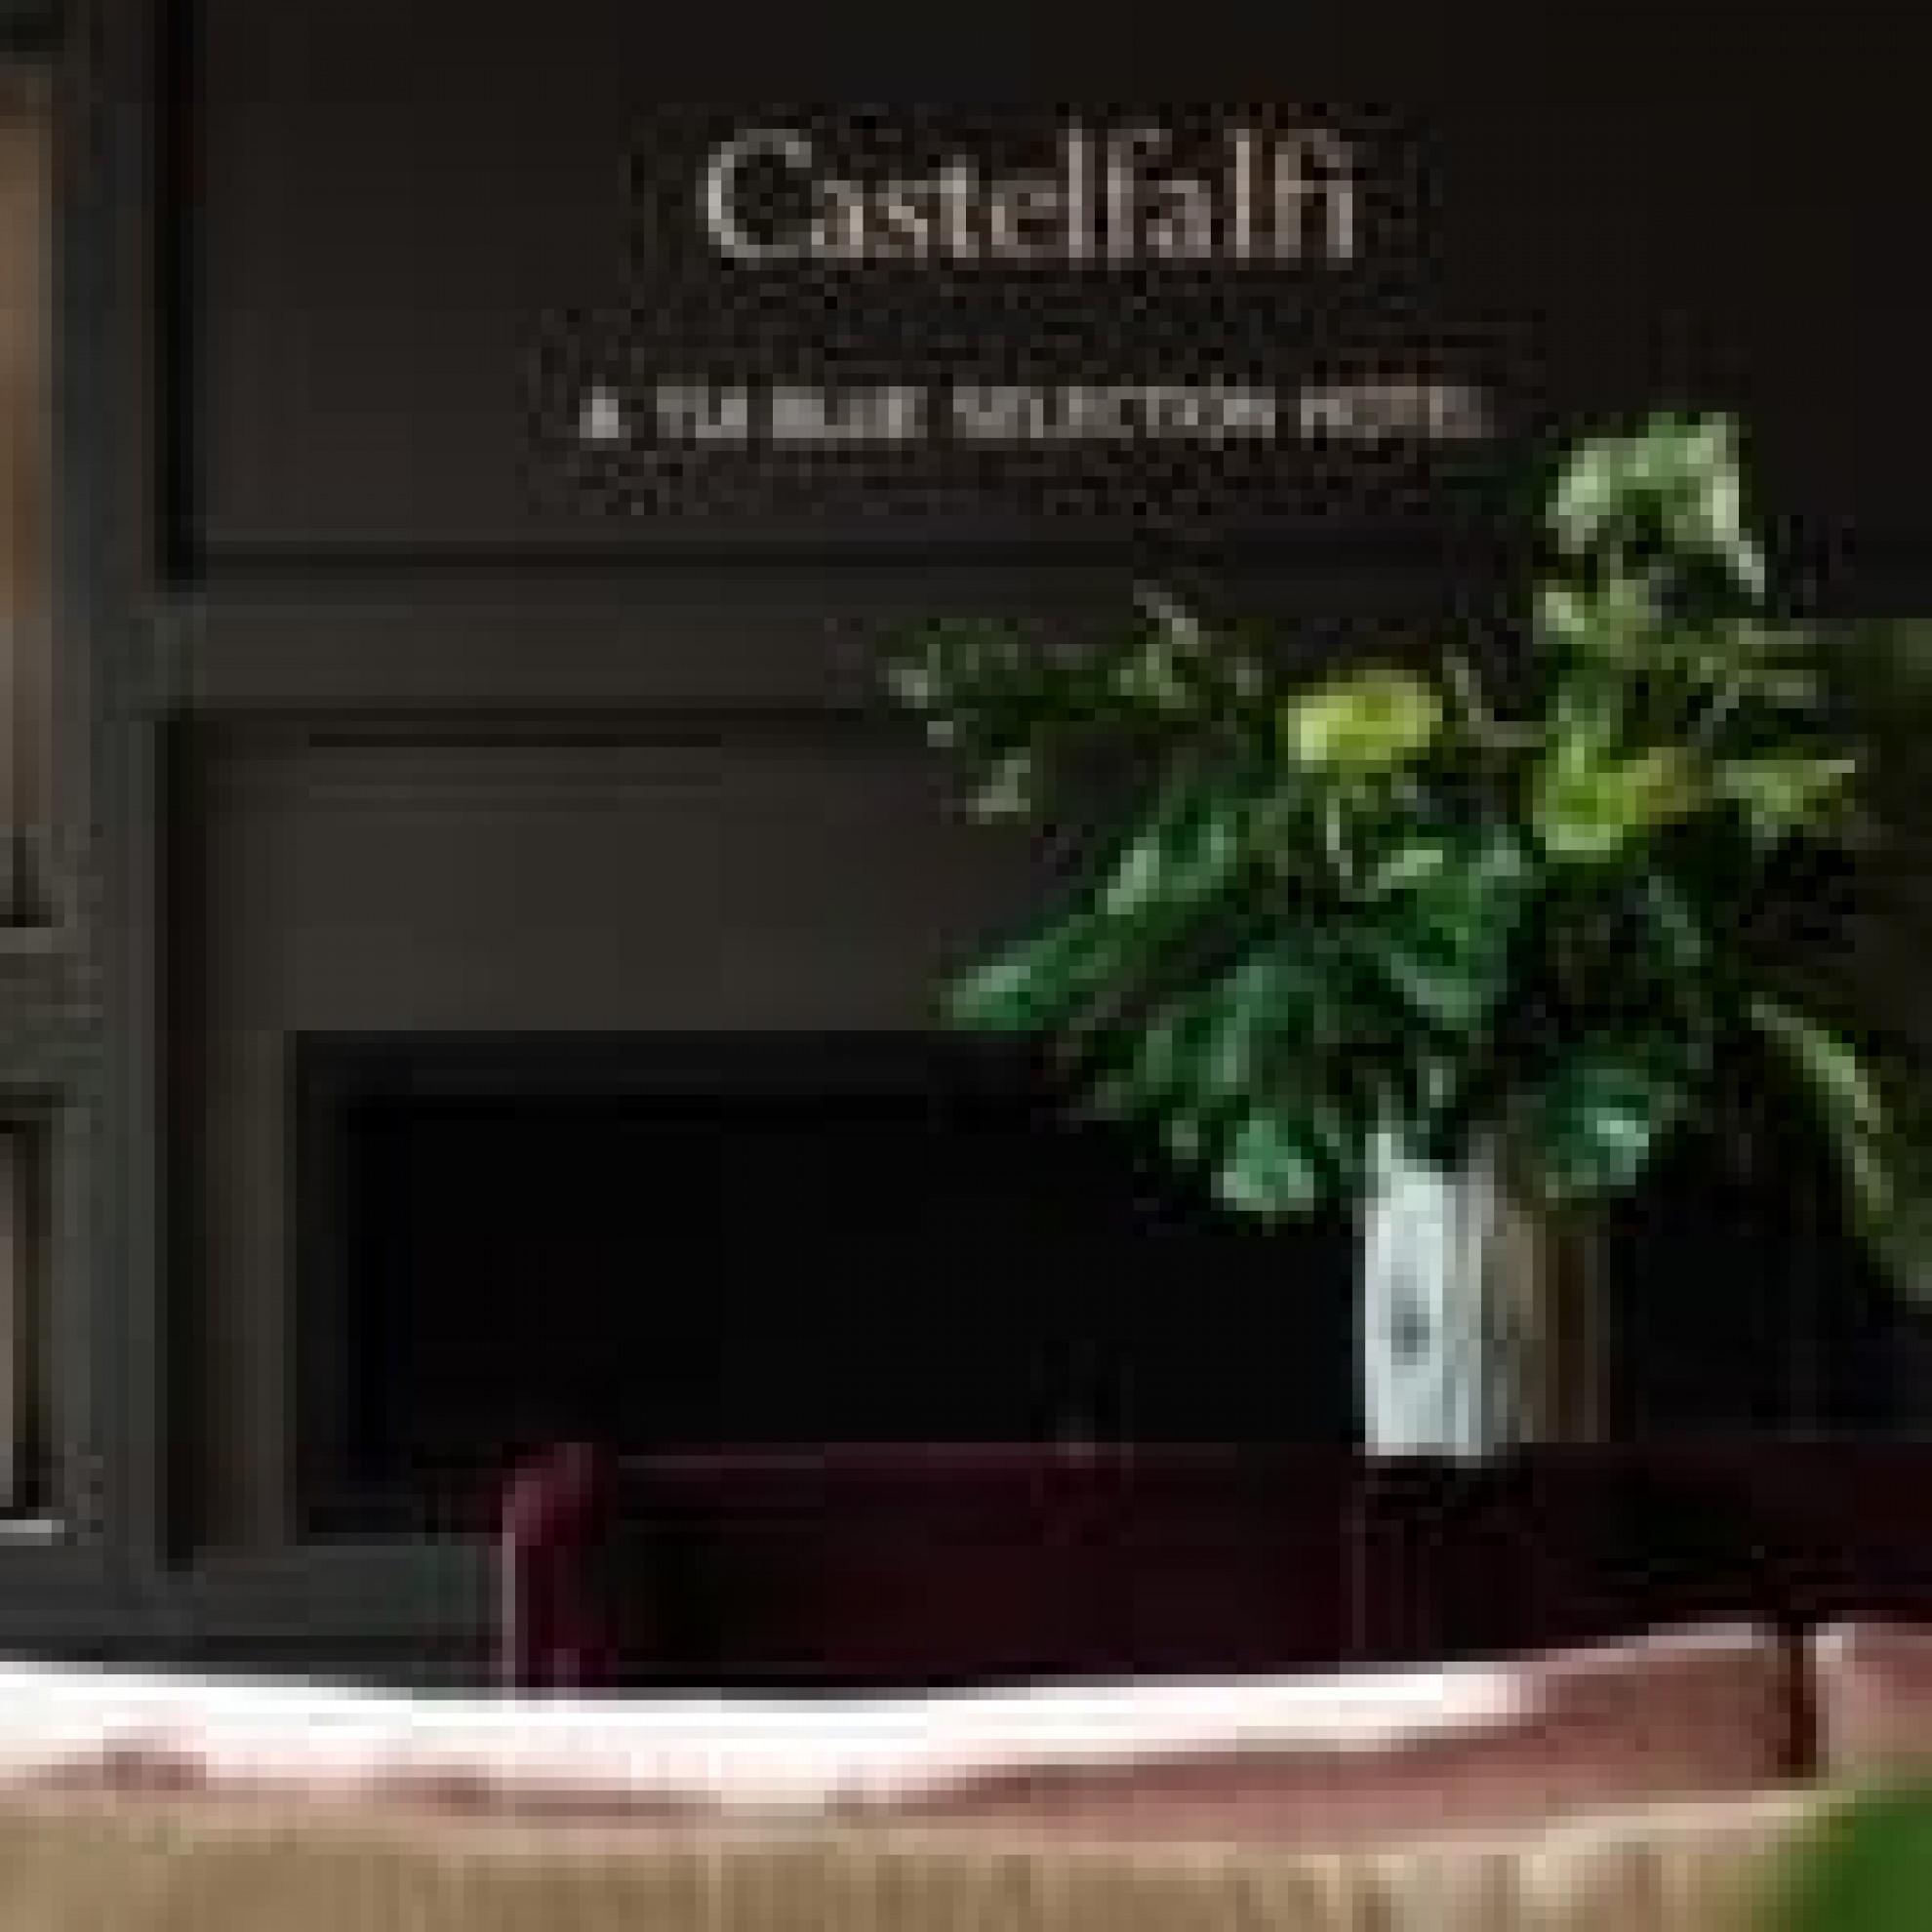 Impressionen Hotel Il Castelfalfi - Tui Blue Selection